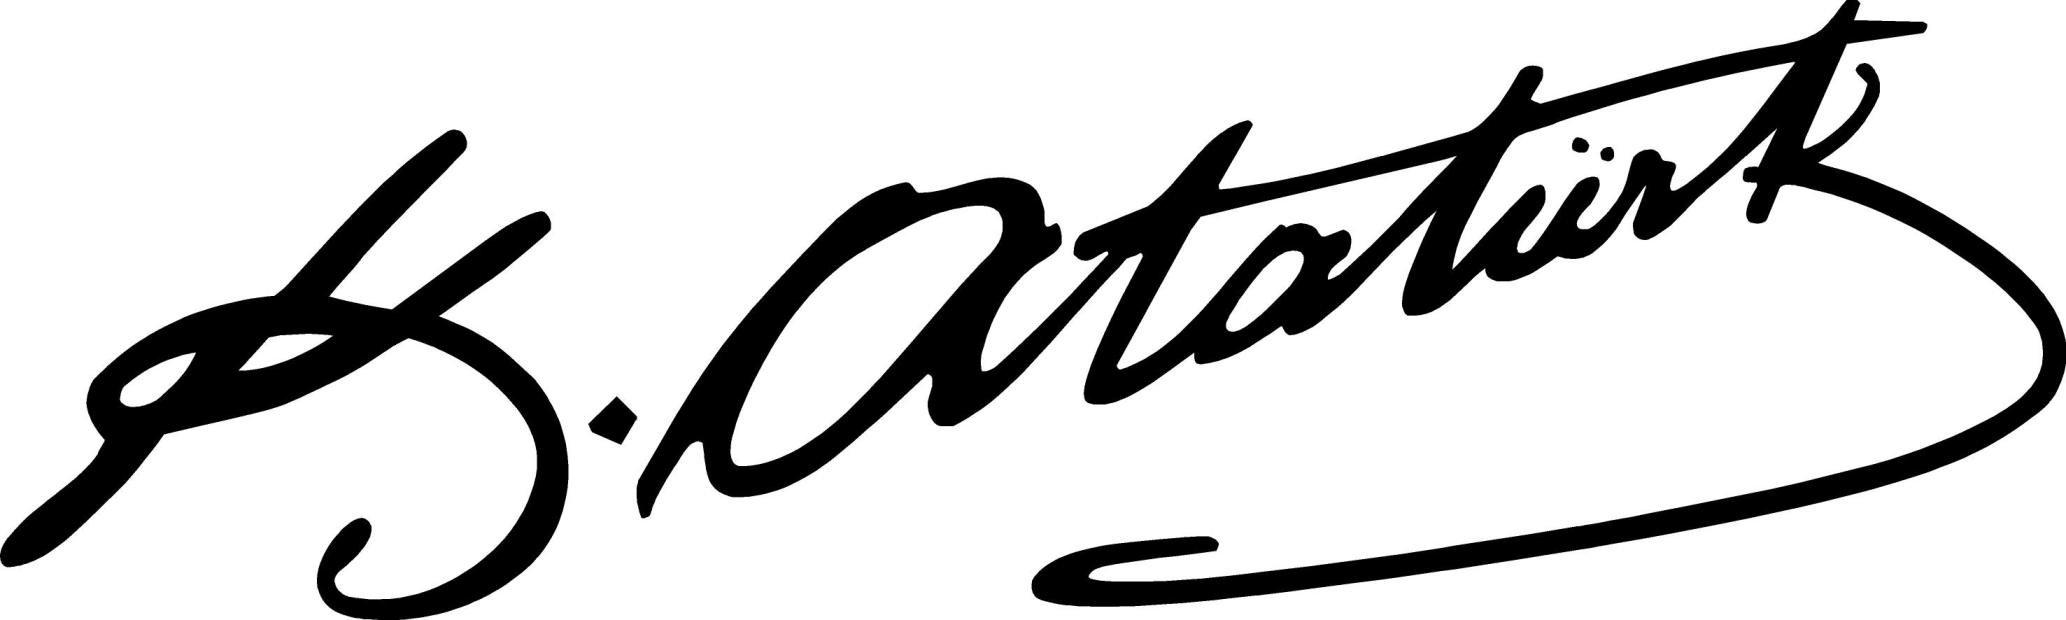 Mustafa Kemal Atatürkün İmzası